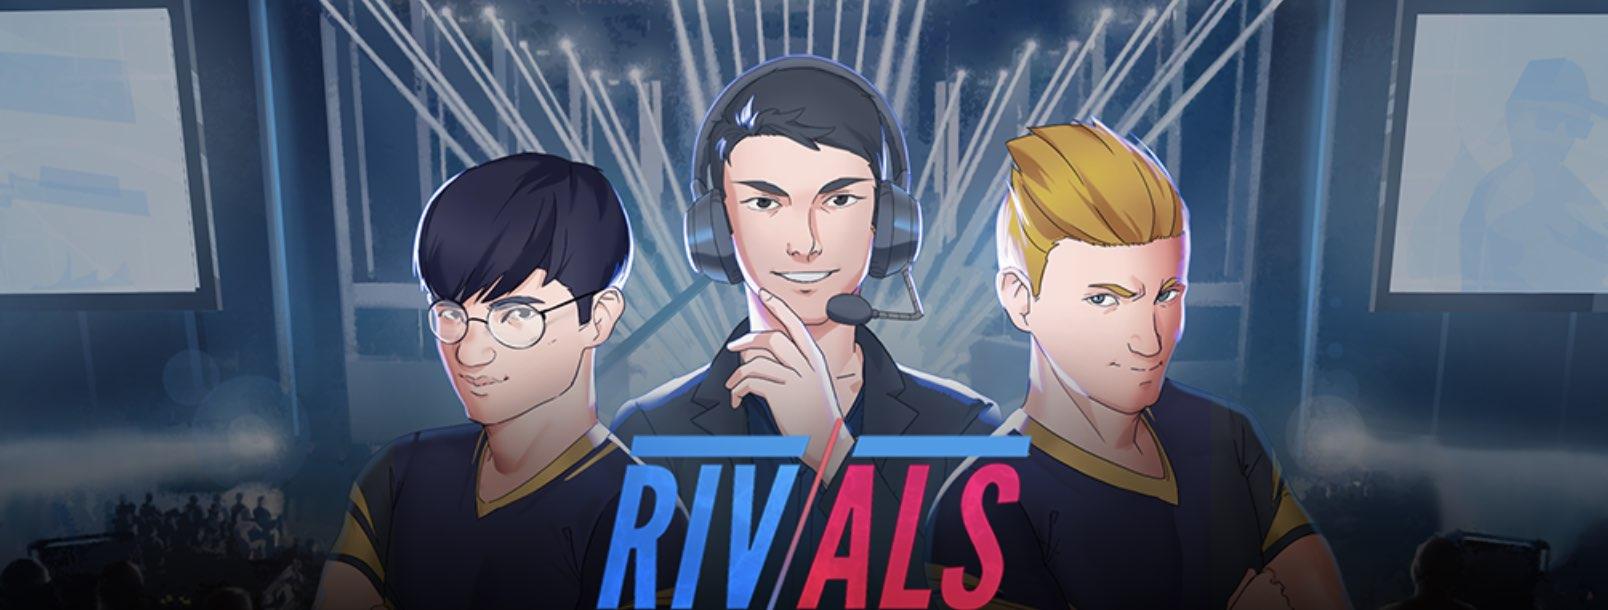 RIVALS hack